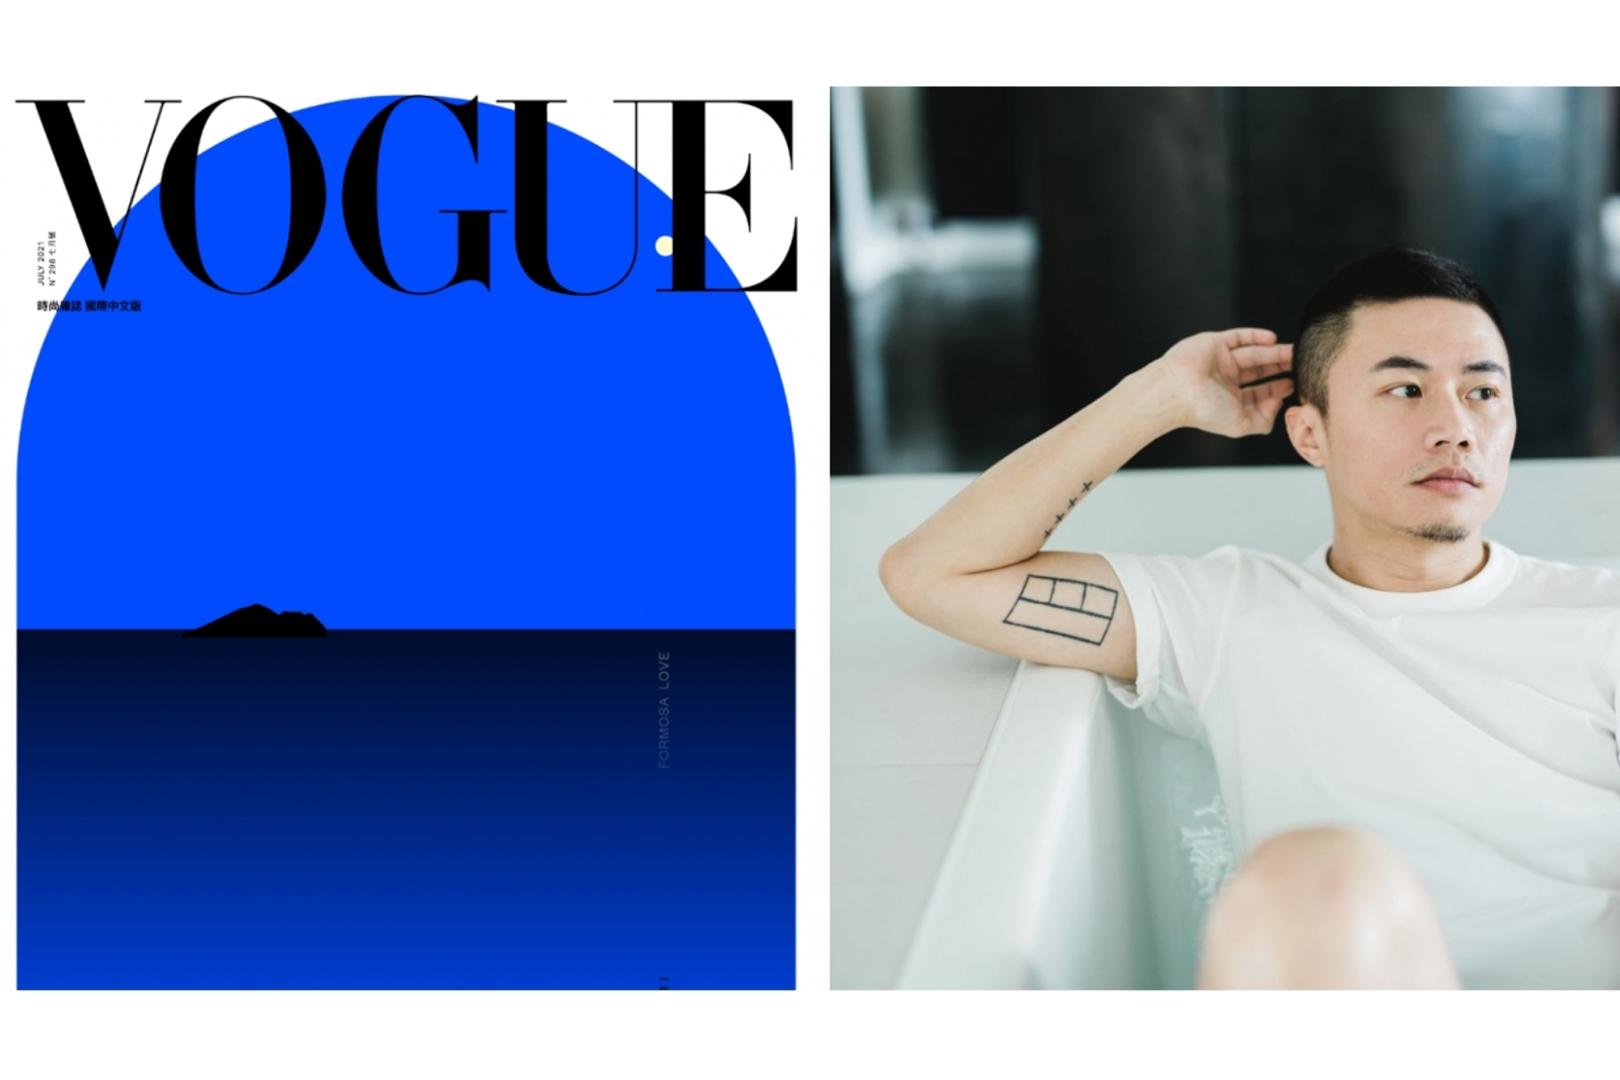 台灣首張 NFT 雜誌封面!聶永真操刀《Vogue》封面推出 NFT 版,跟上美國《時代》數位浪潮